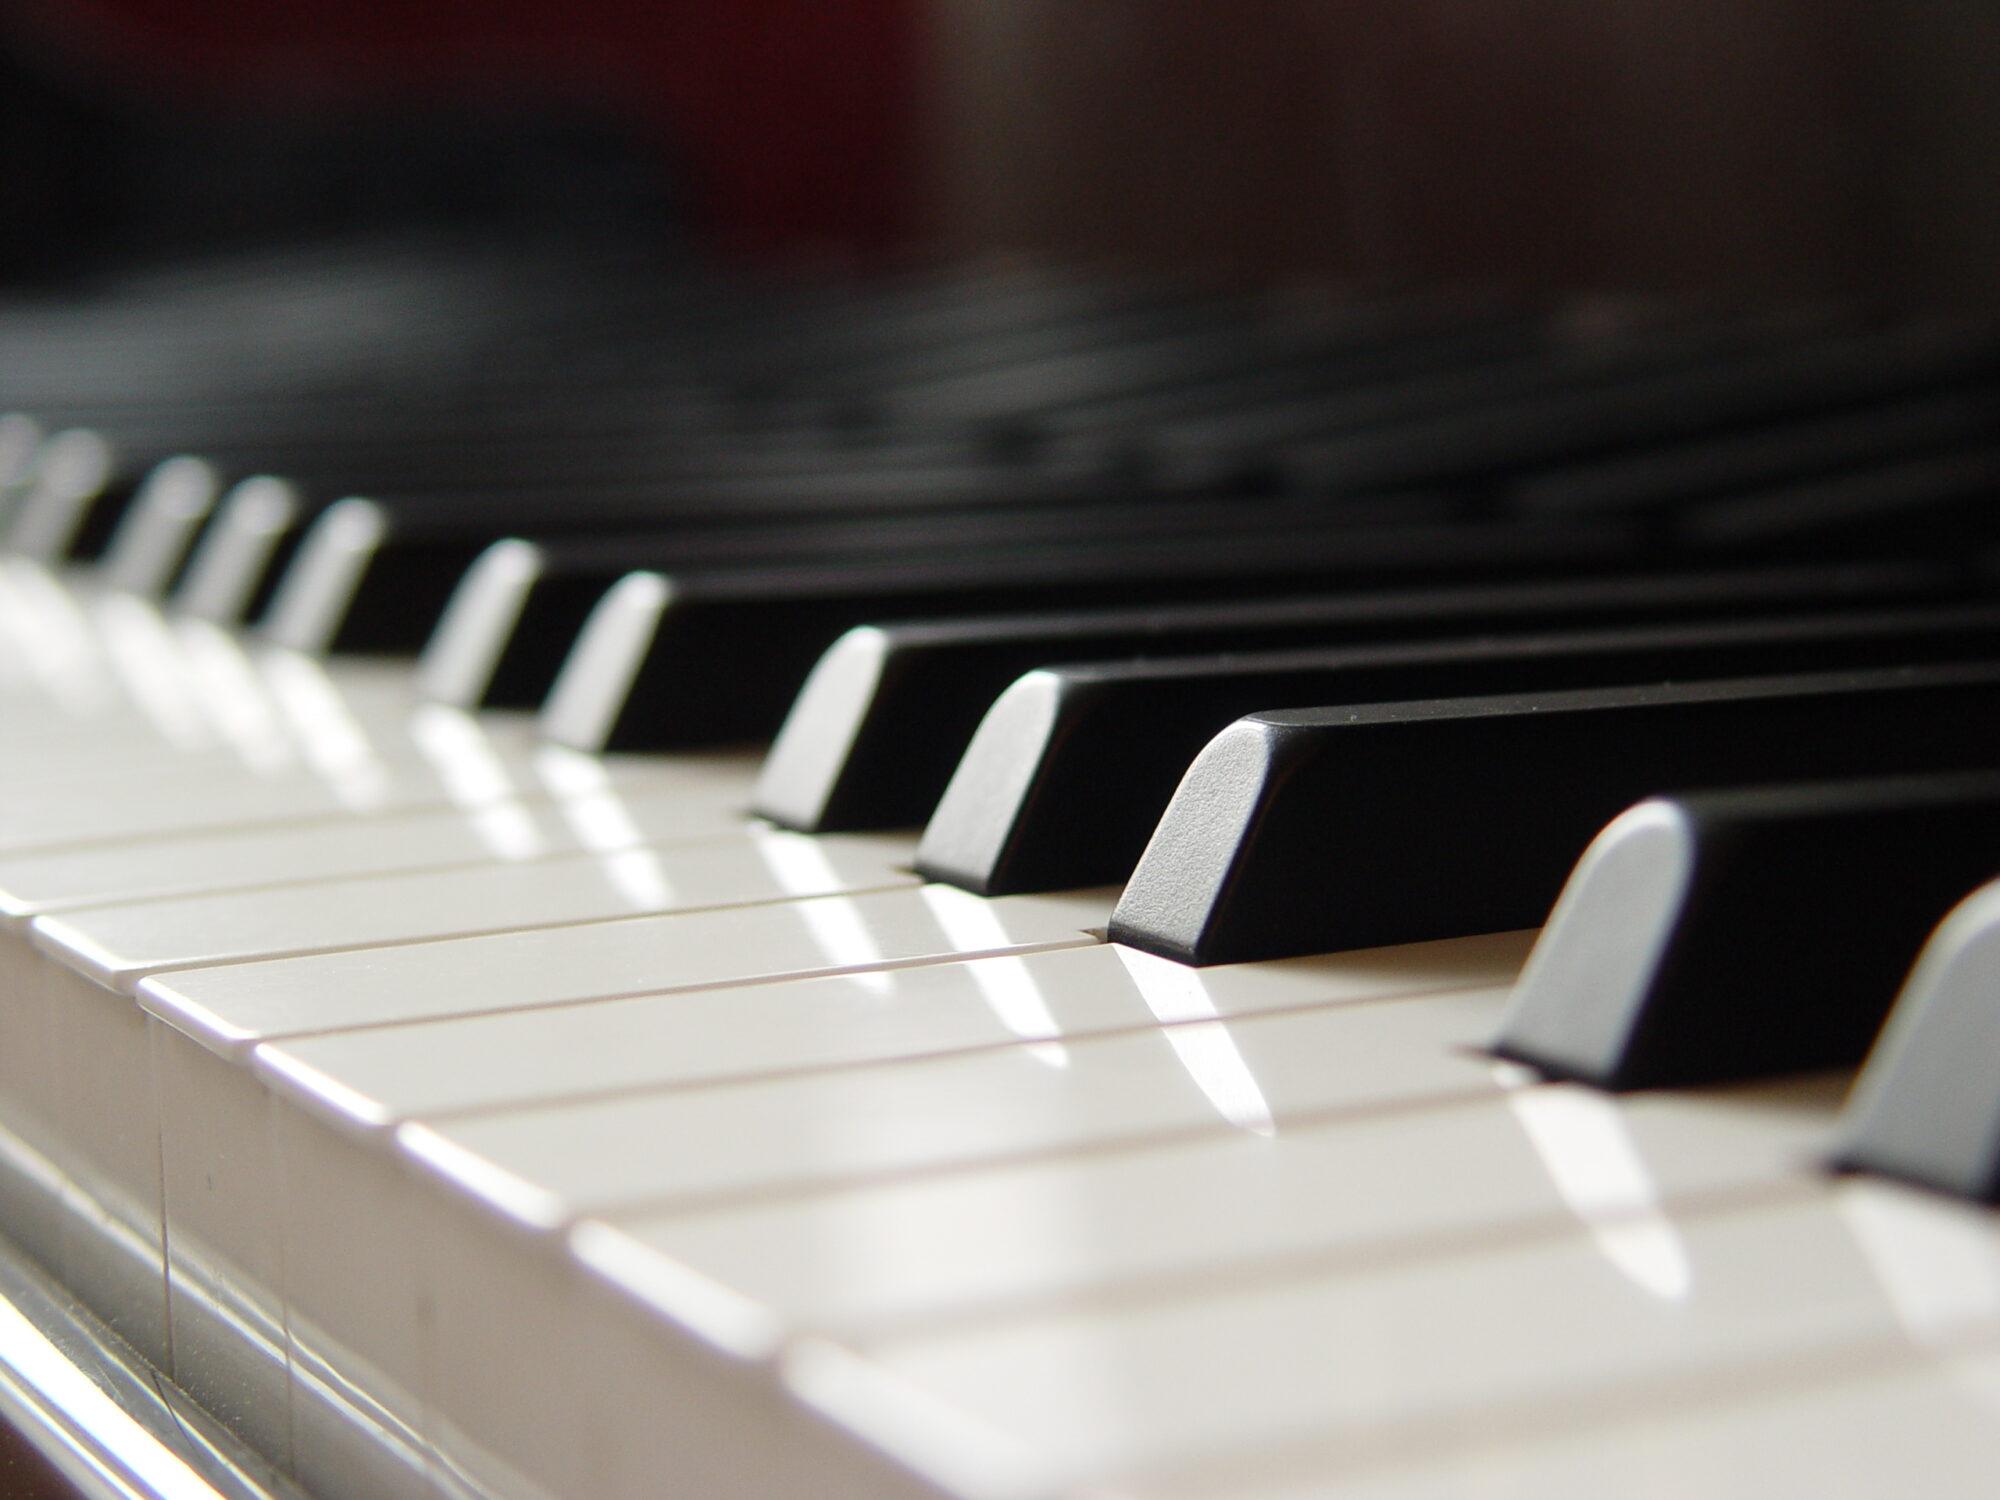 pianoforte da ranocchio a principe lacooltura